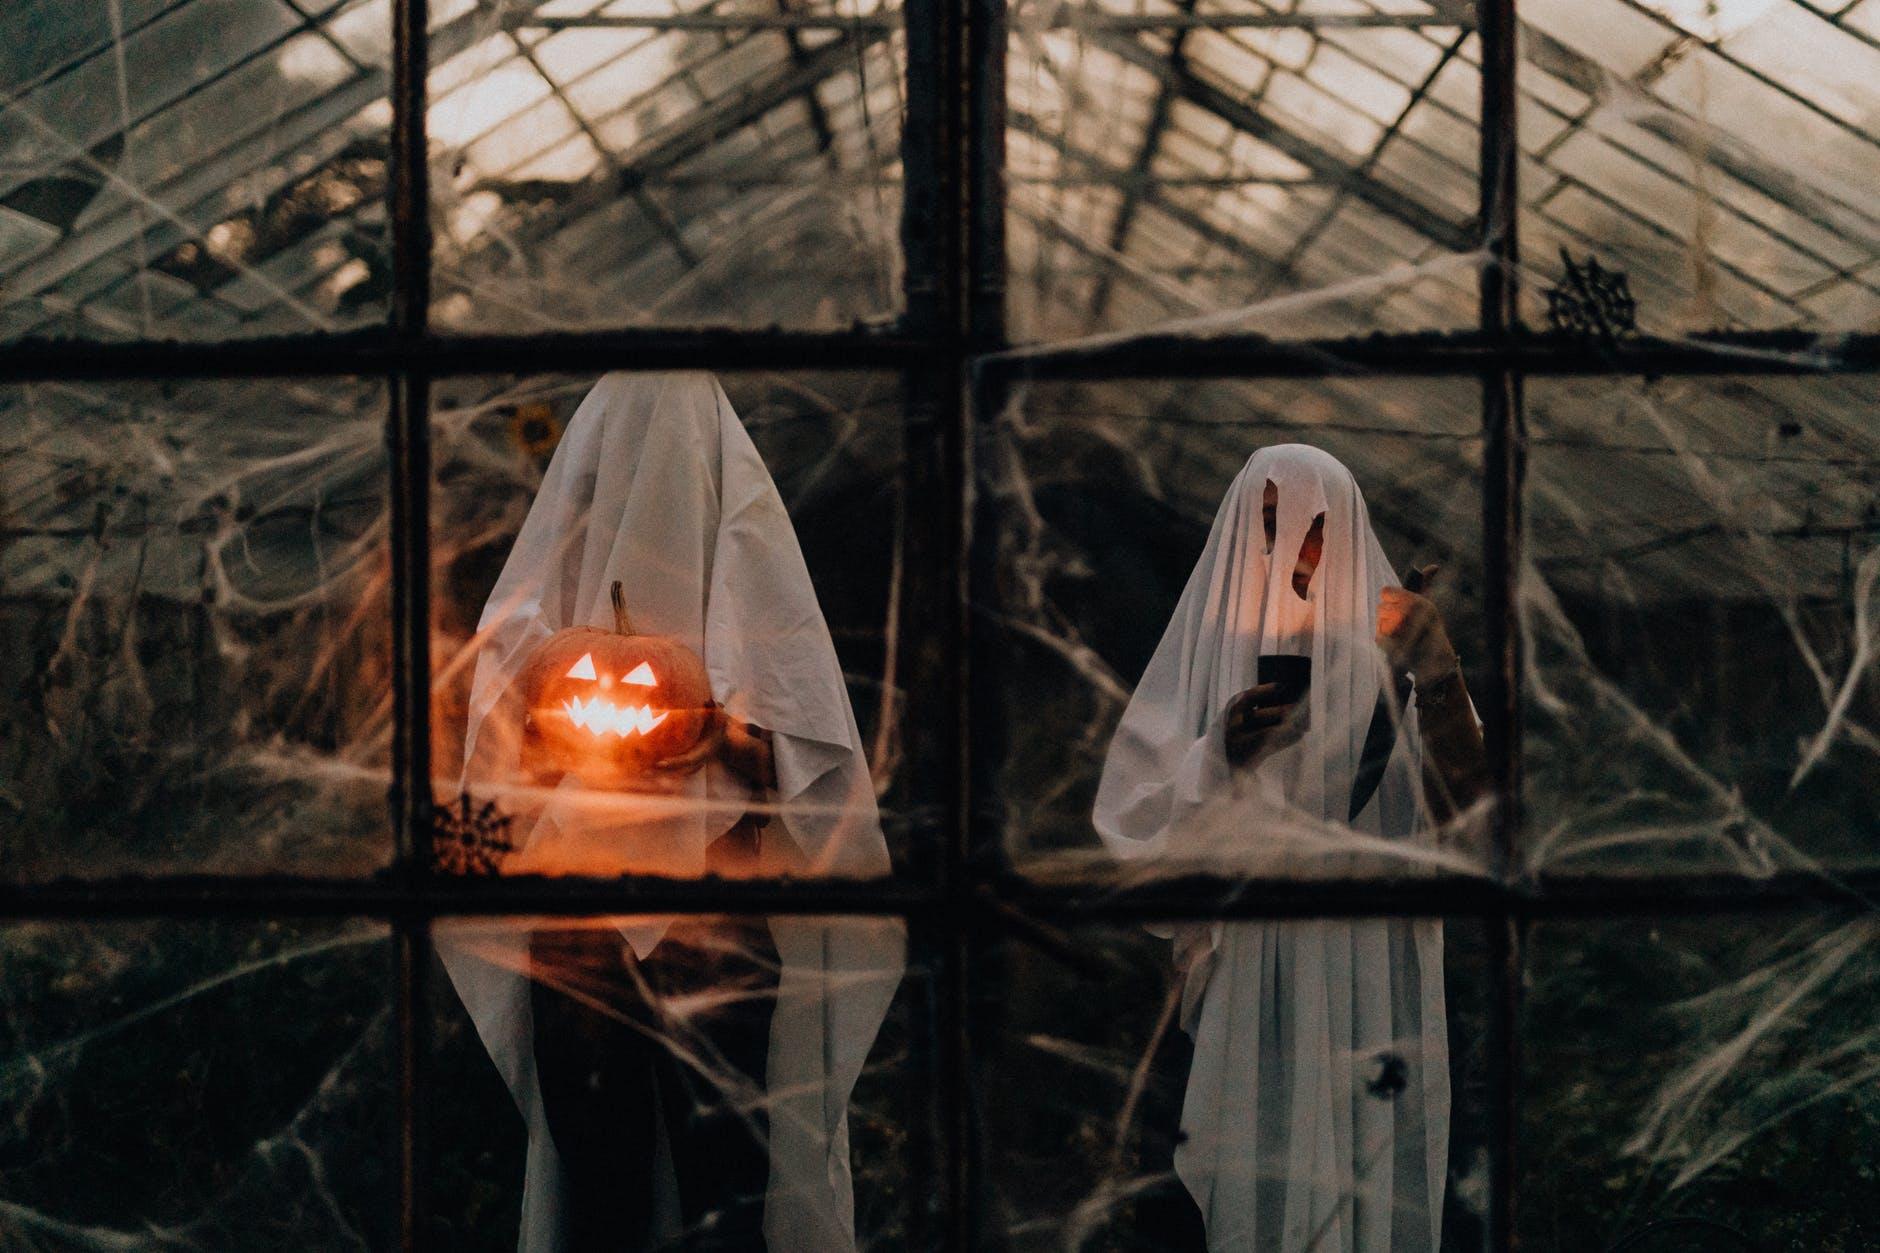 Uoči Noći Vještica jedno zanimljivo pitanje: Trebamo li se bojati duhova?